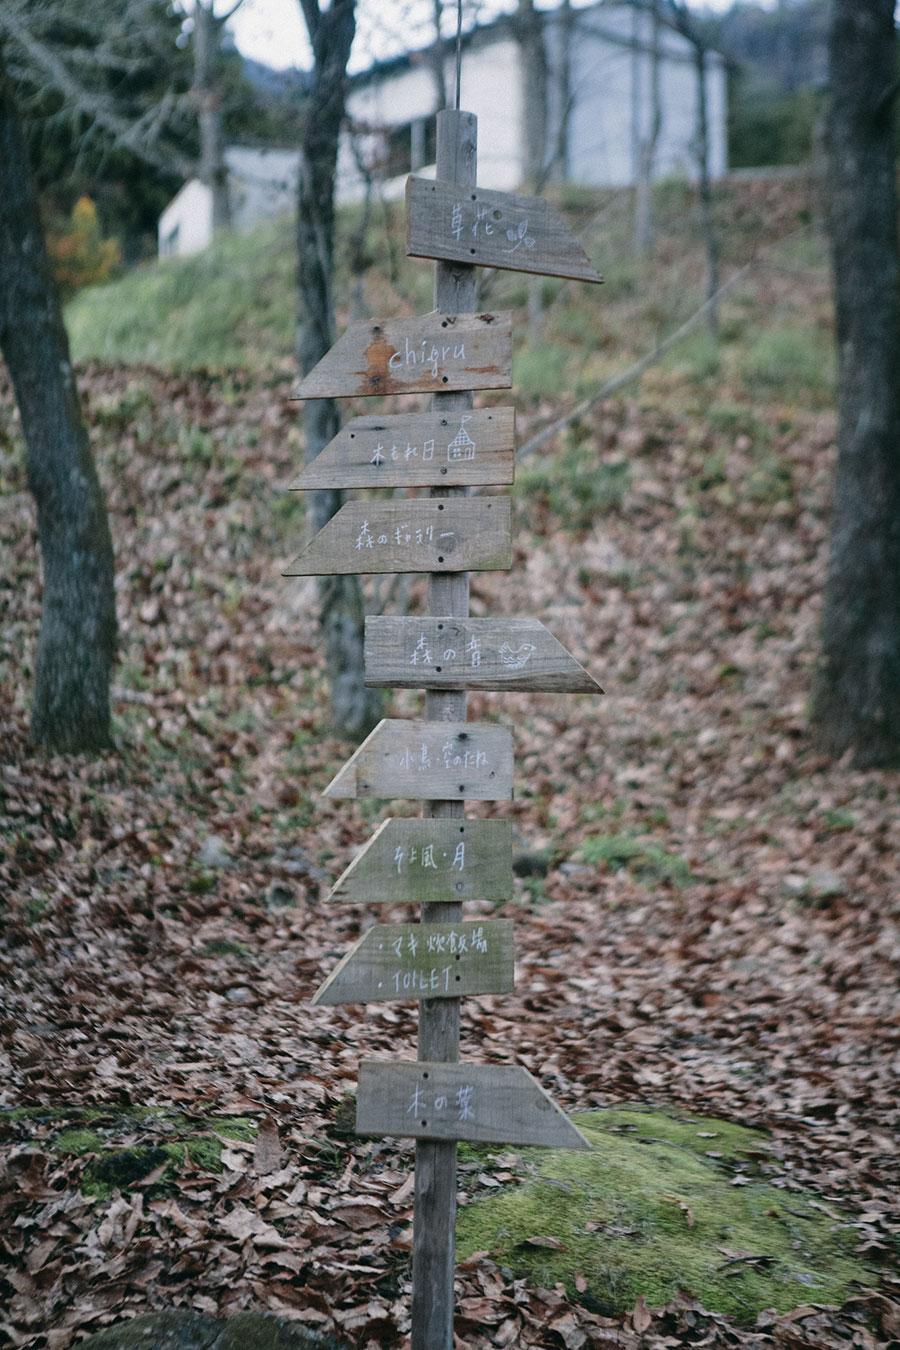 森にある施設の案内板